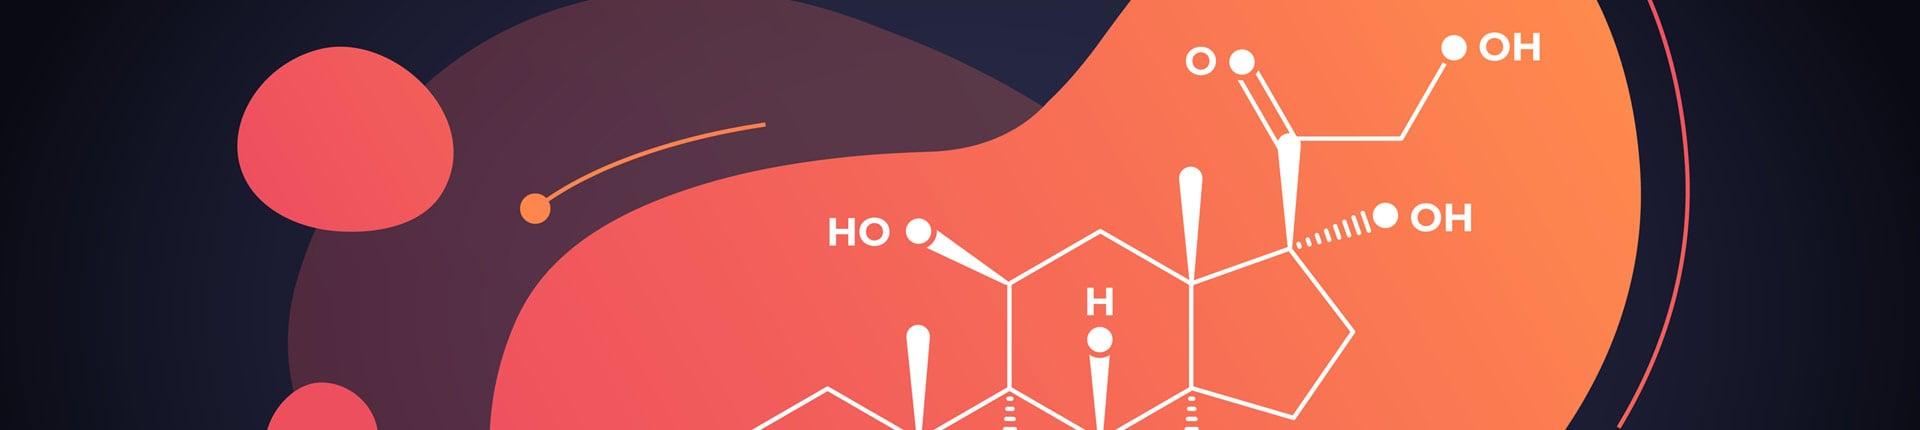 Kortyzol - wróg czy przyjaciel? Czy warto obniżać poziom kortyzolu?